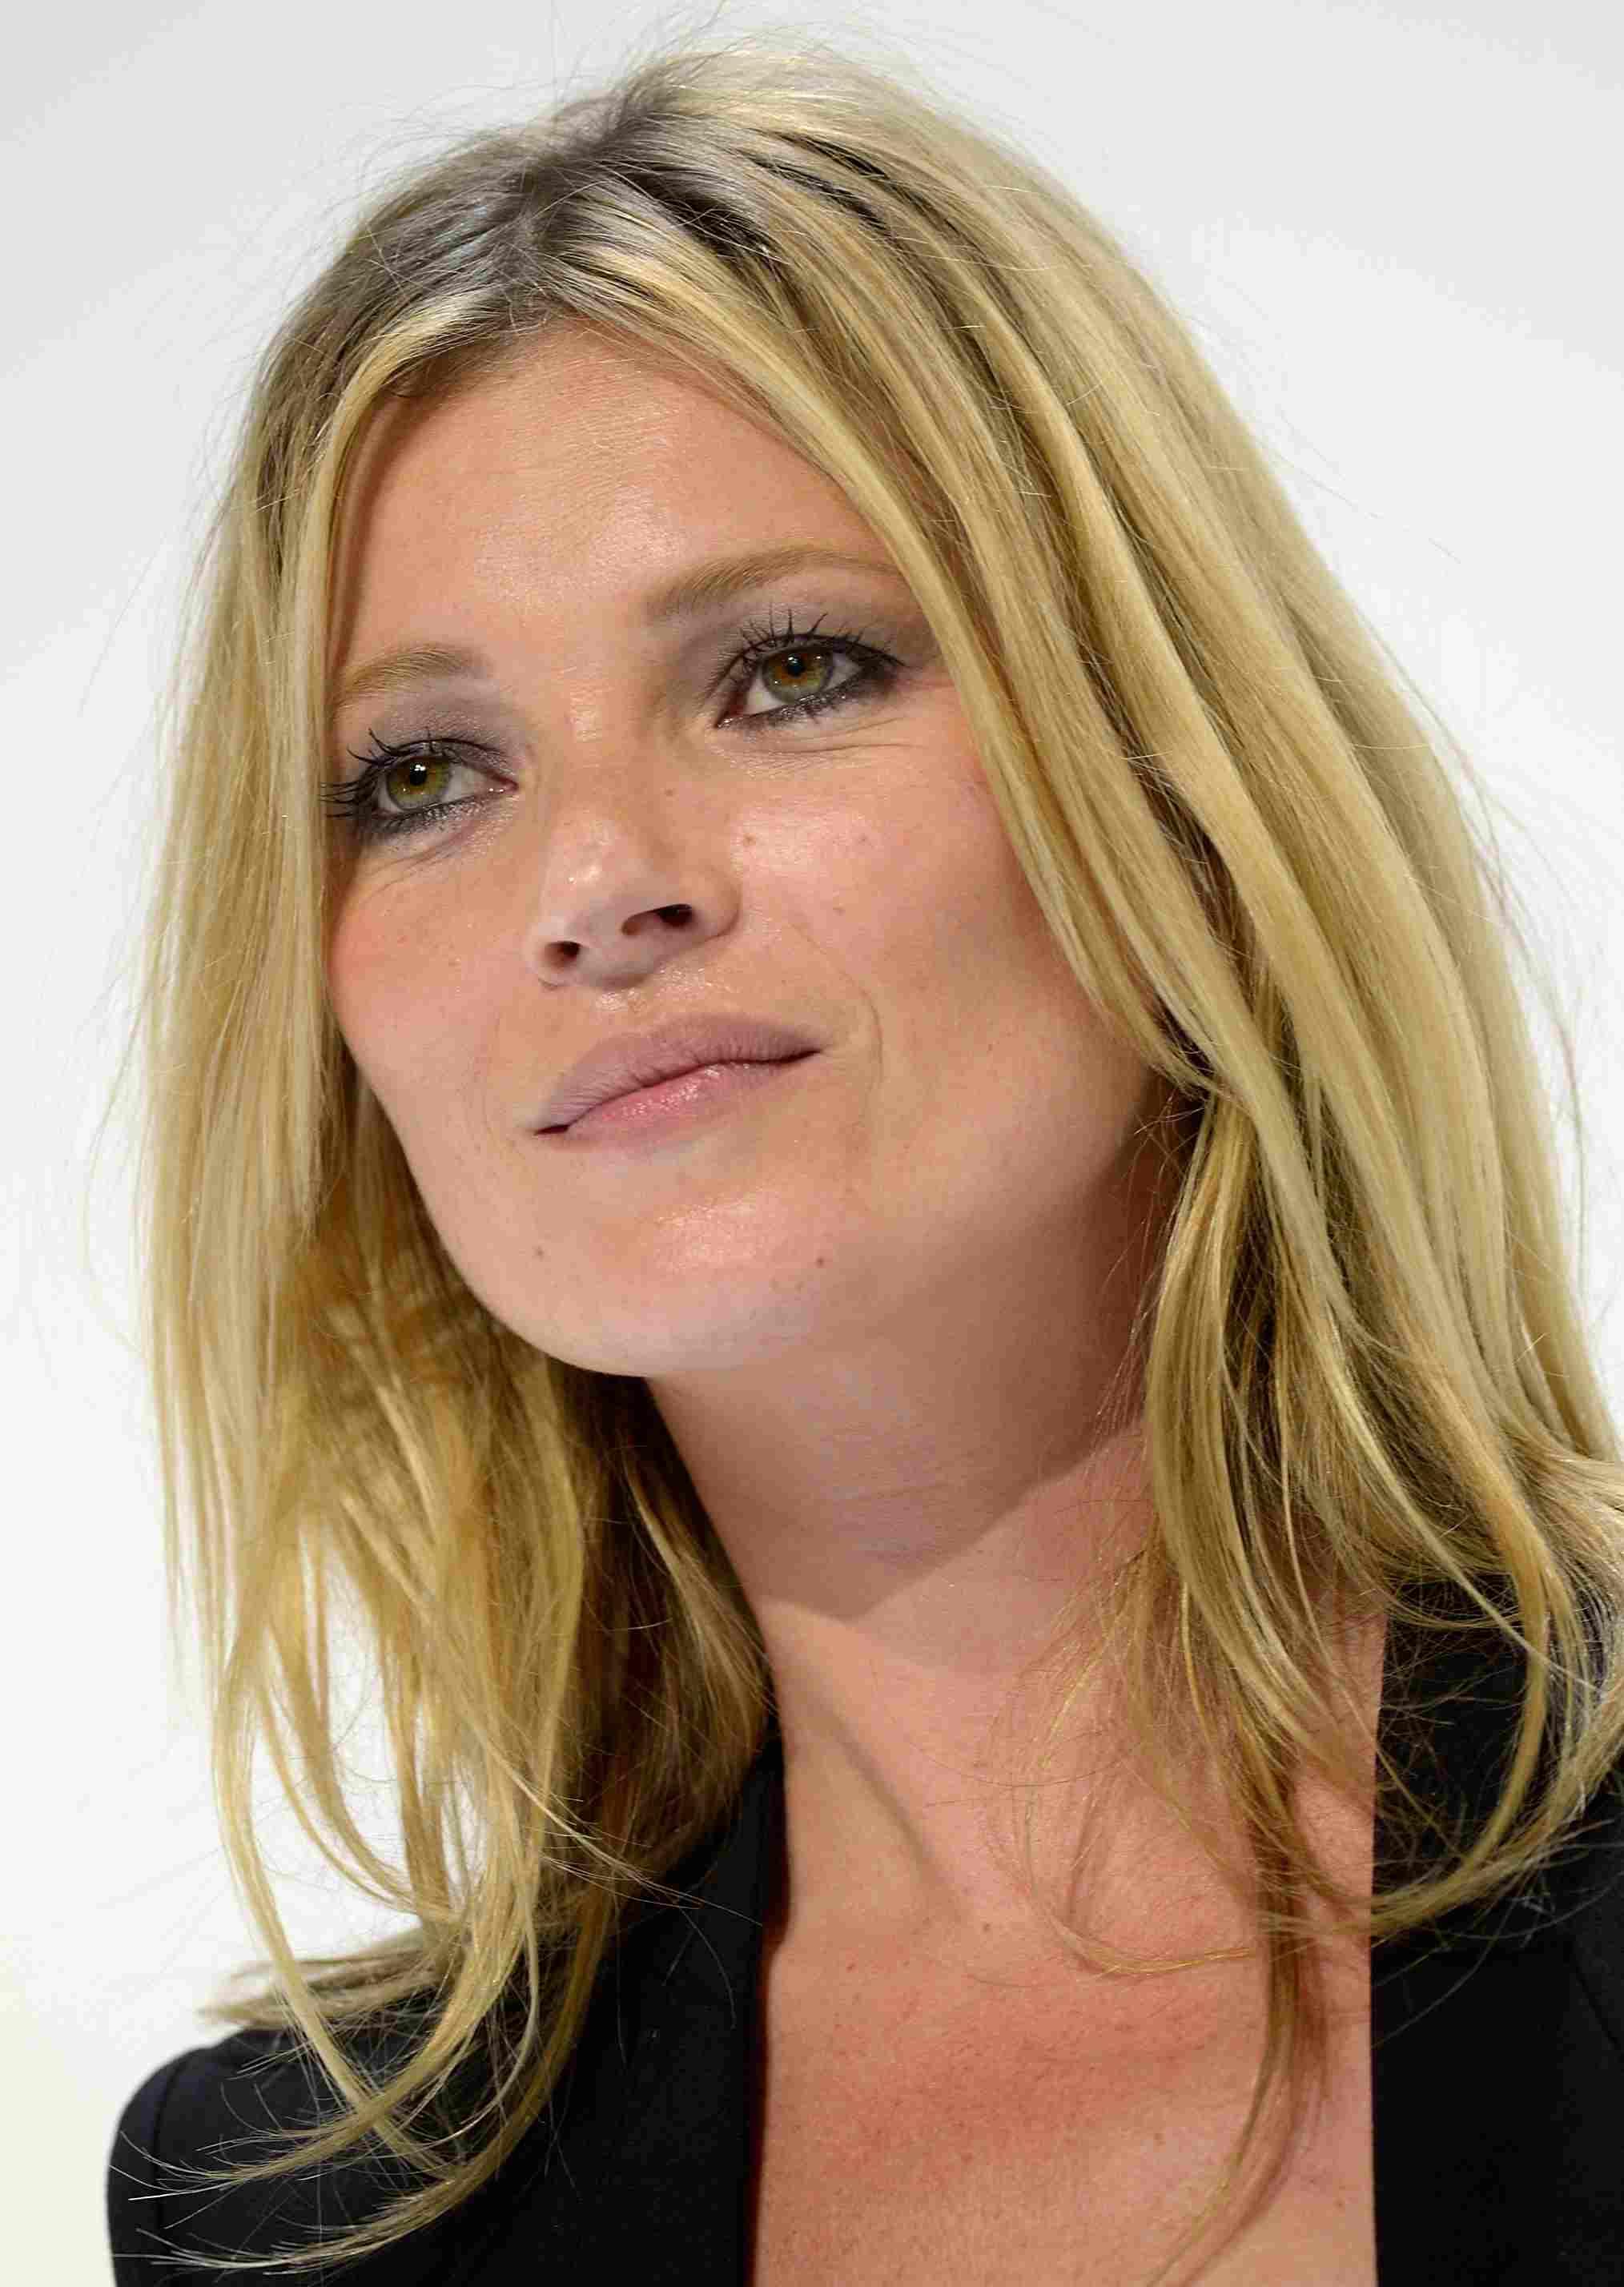 Kate Moss square face shape